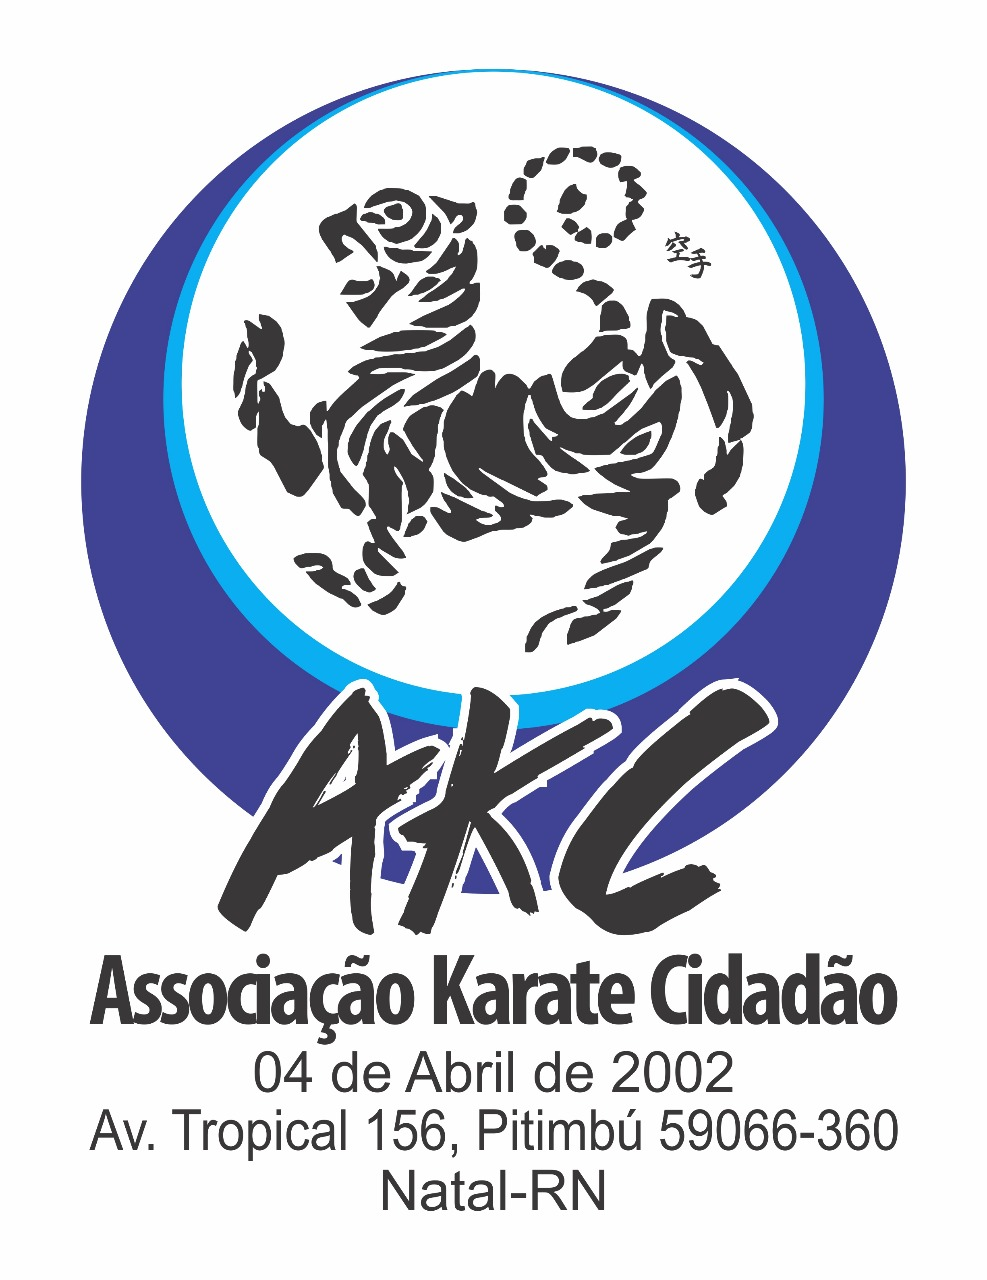 AKC - ASSOCIAÇÃO KARATÊ CIDADÃO